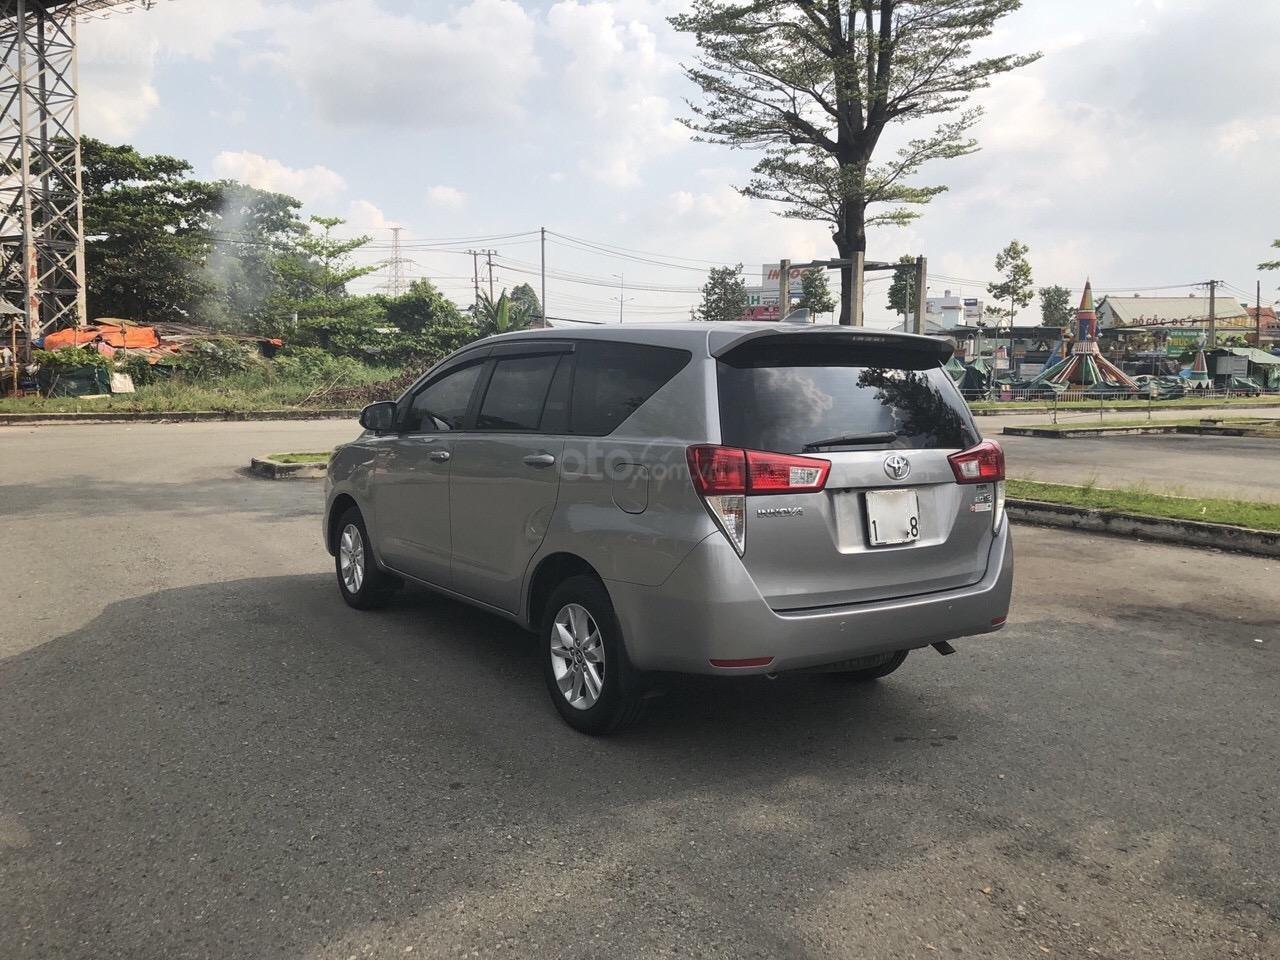 Bán Toyota Innova 2.0E năm 2017, xe trang bị đầy đủ bán lại giá 660 triệu (4)